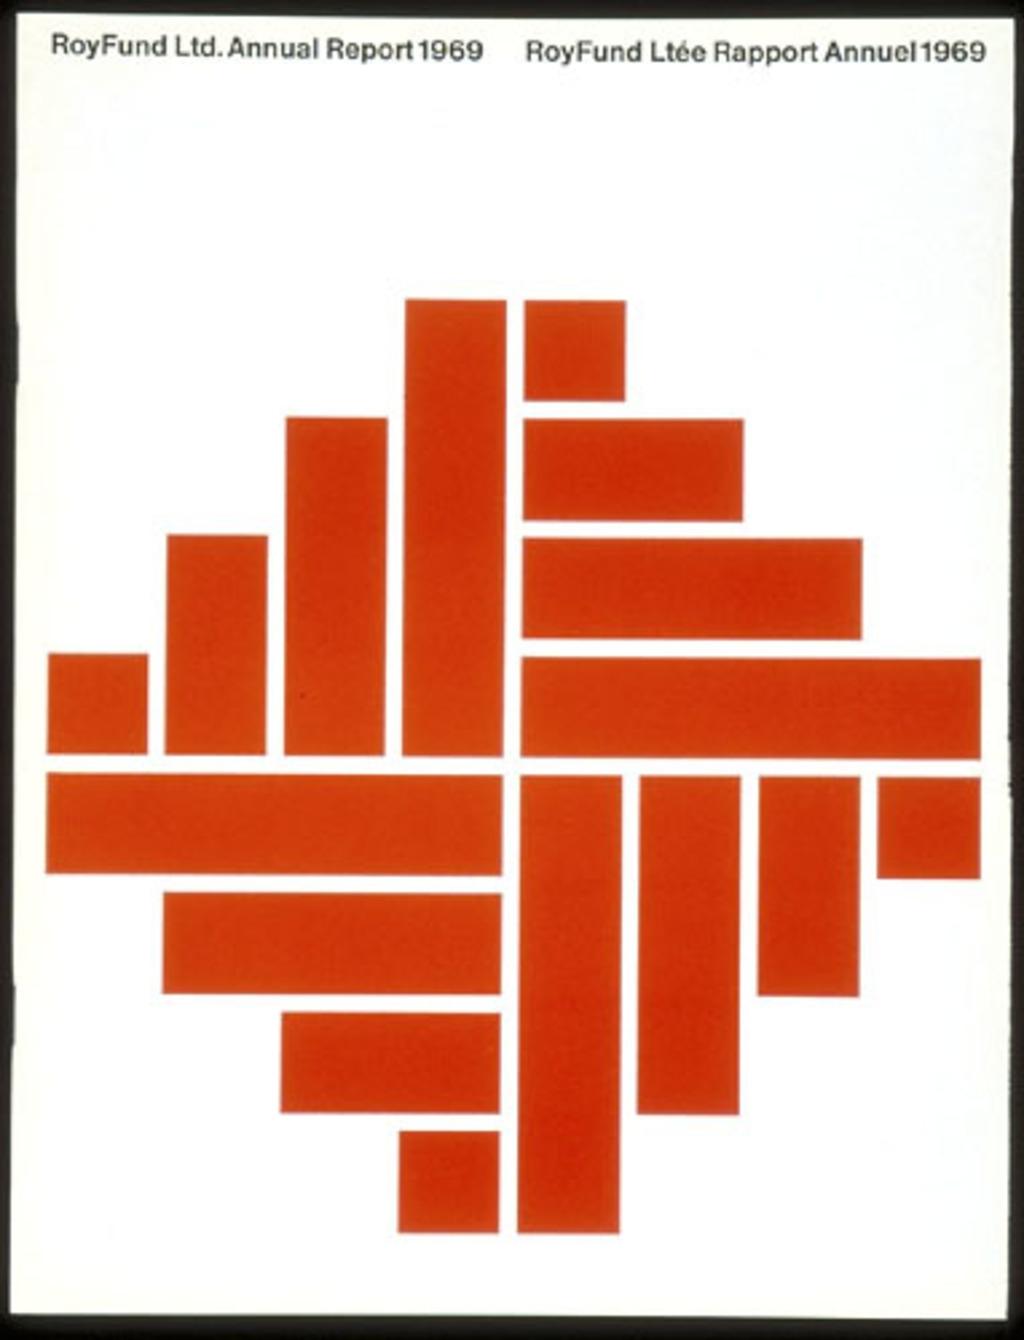 Rapport annuel de 1969 pour RoyFund Ltée